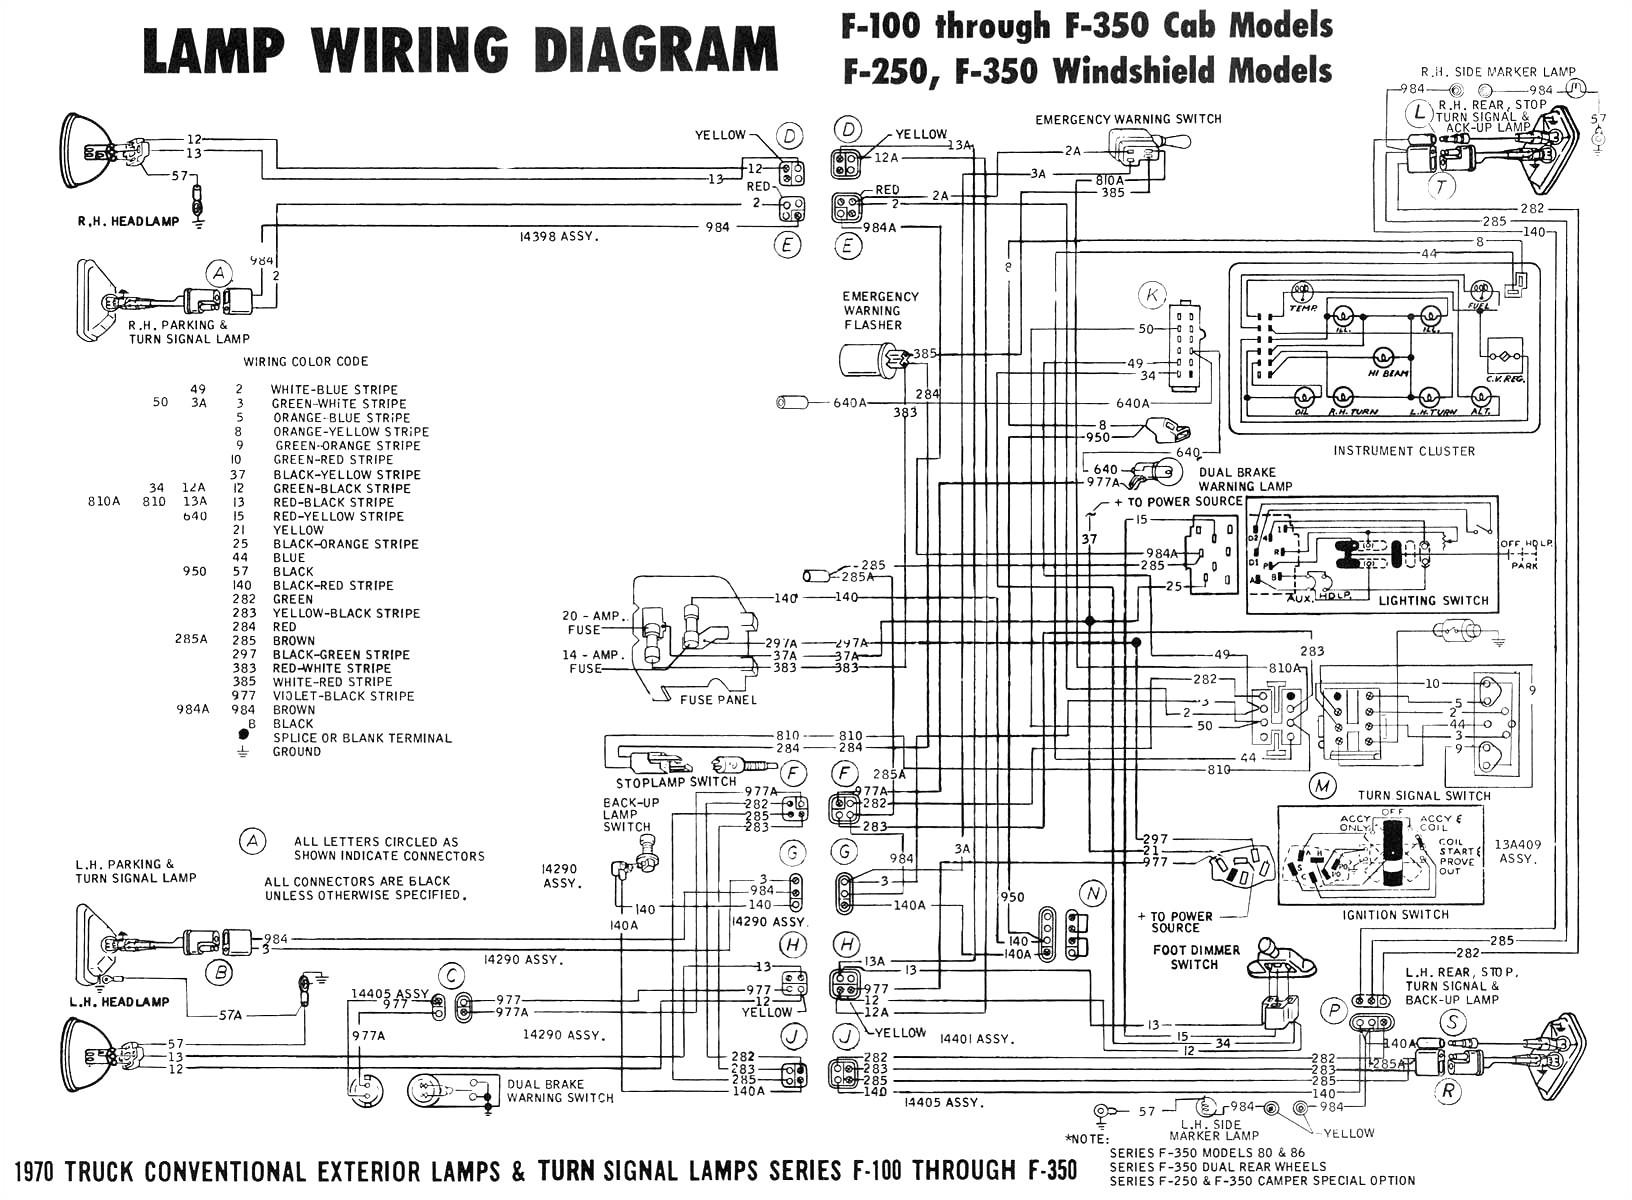 1995 ford f 350 wiring diagram